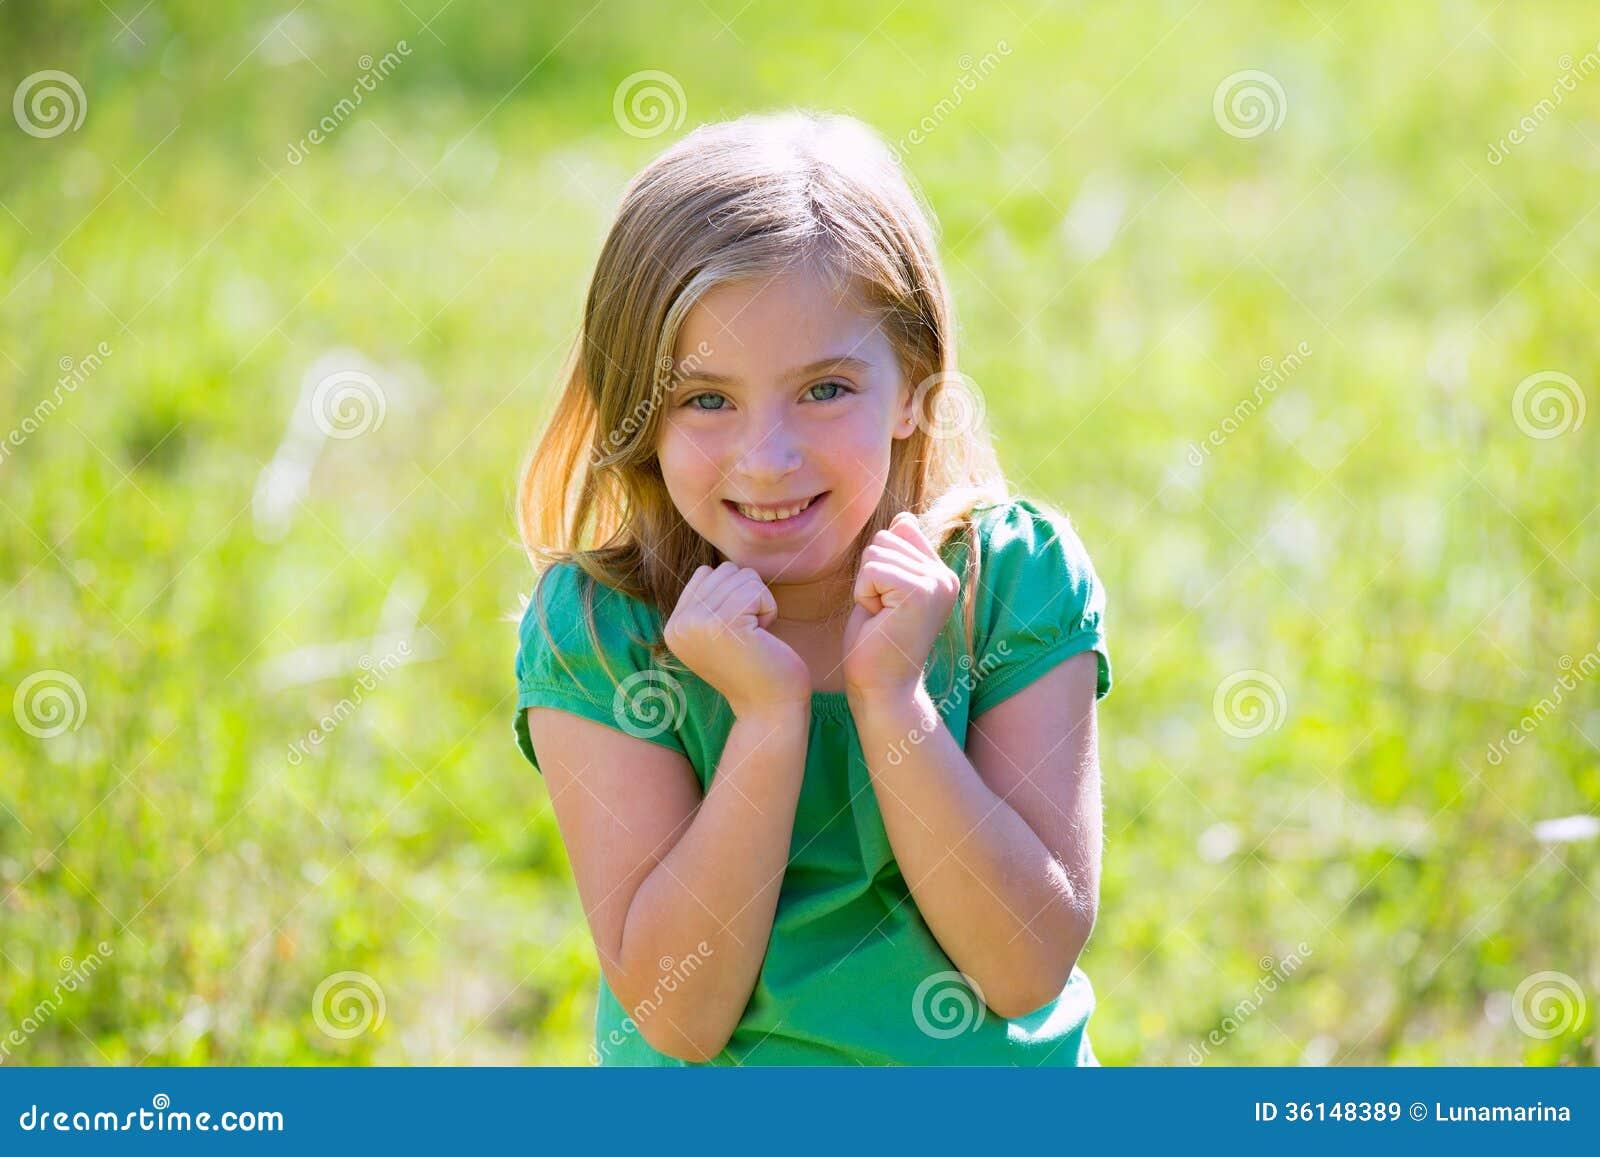 Expressão entusiasmado do gesto da menina loura da criança em exterior verde